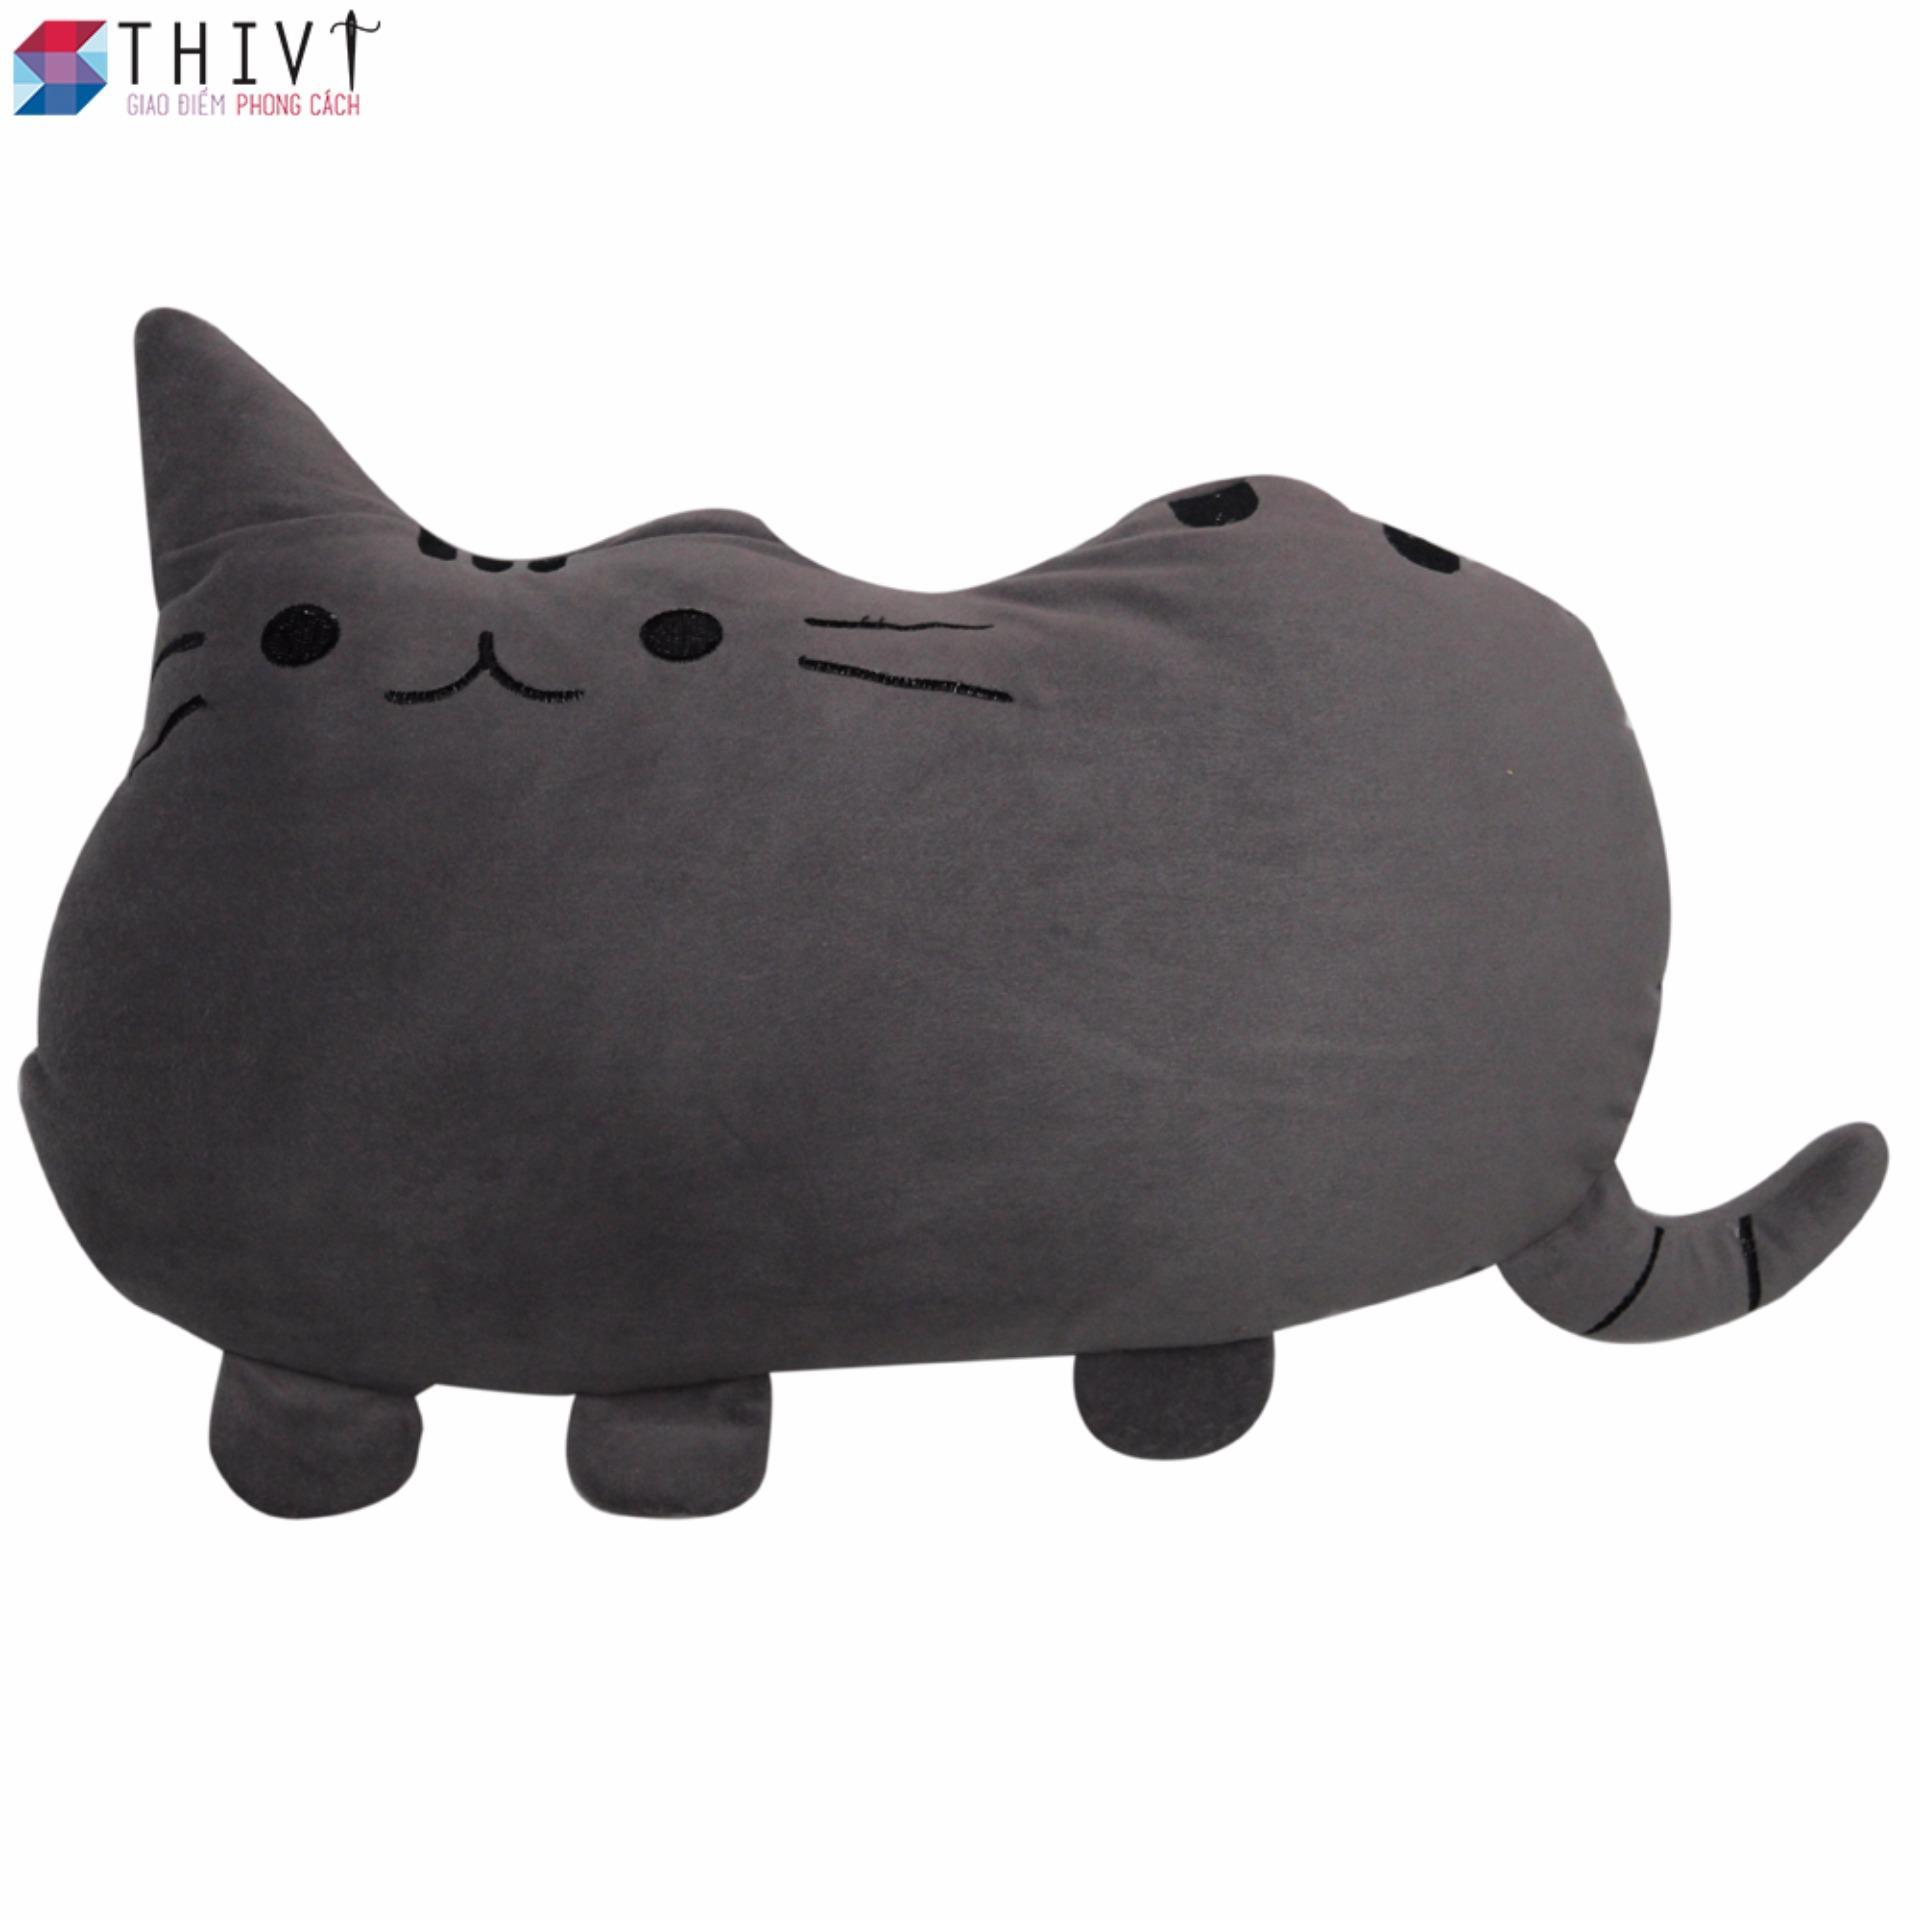 Gối Tựa Lưng Tạo Hình Chú Mèo 05 - Xám - THIVI